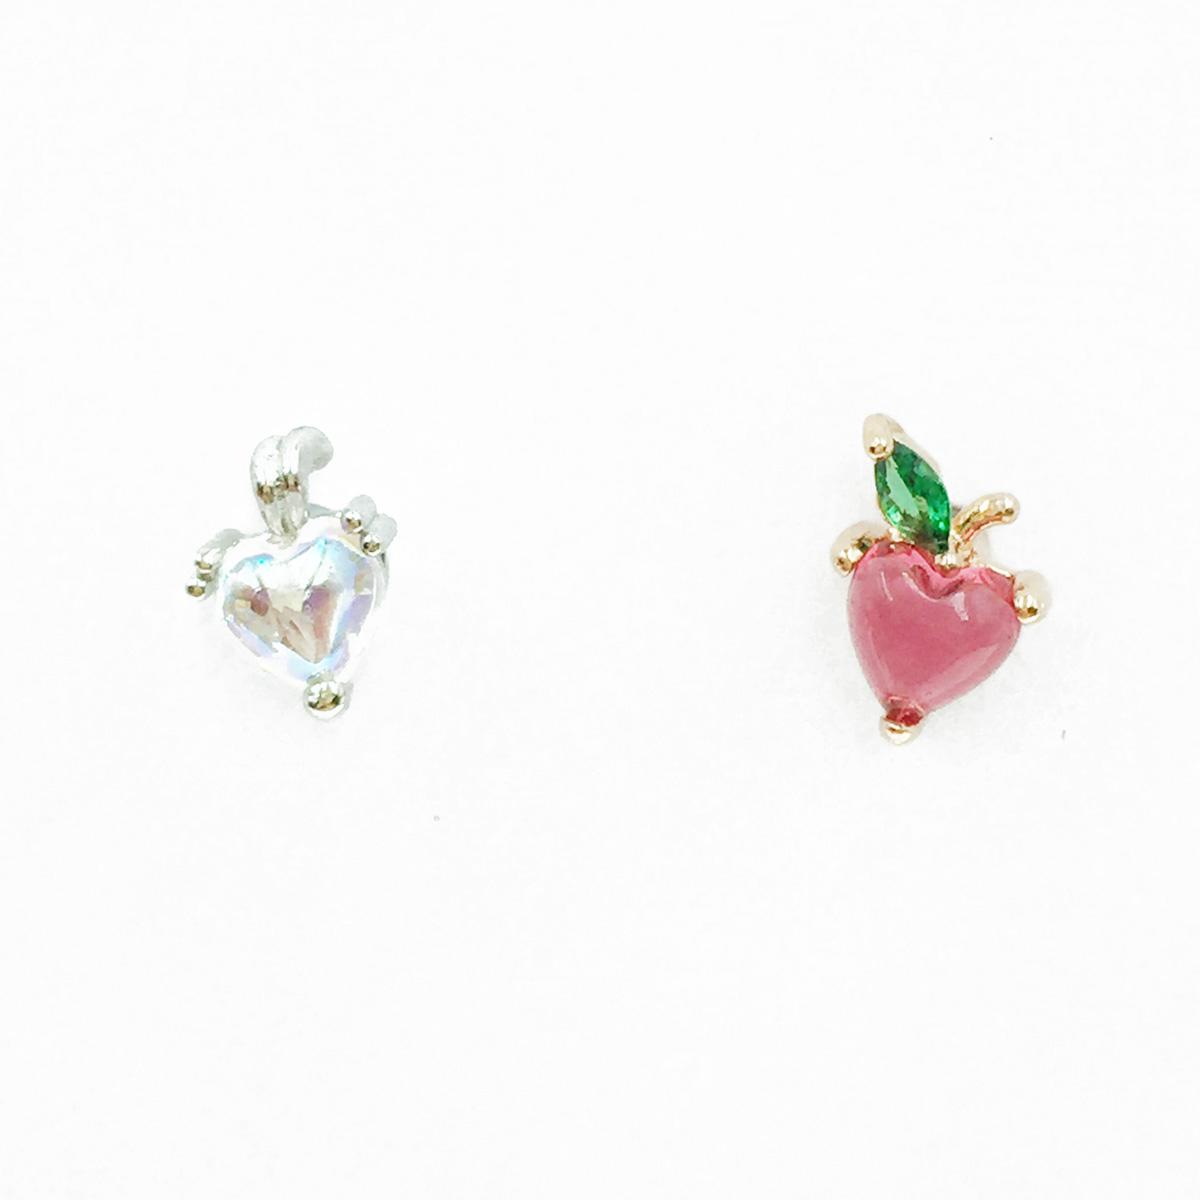 韓國 不鏽鋼 愛心 水鑽 單支後轉 耳針式耳環